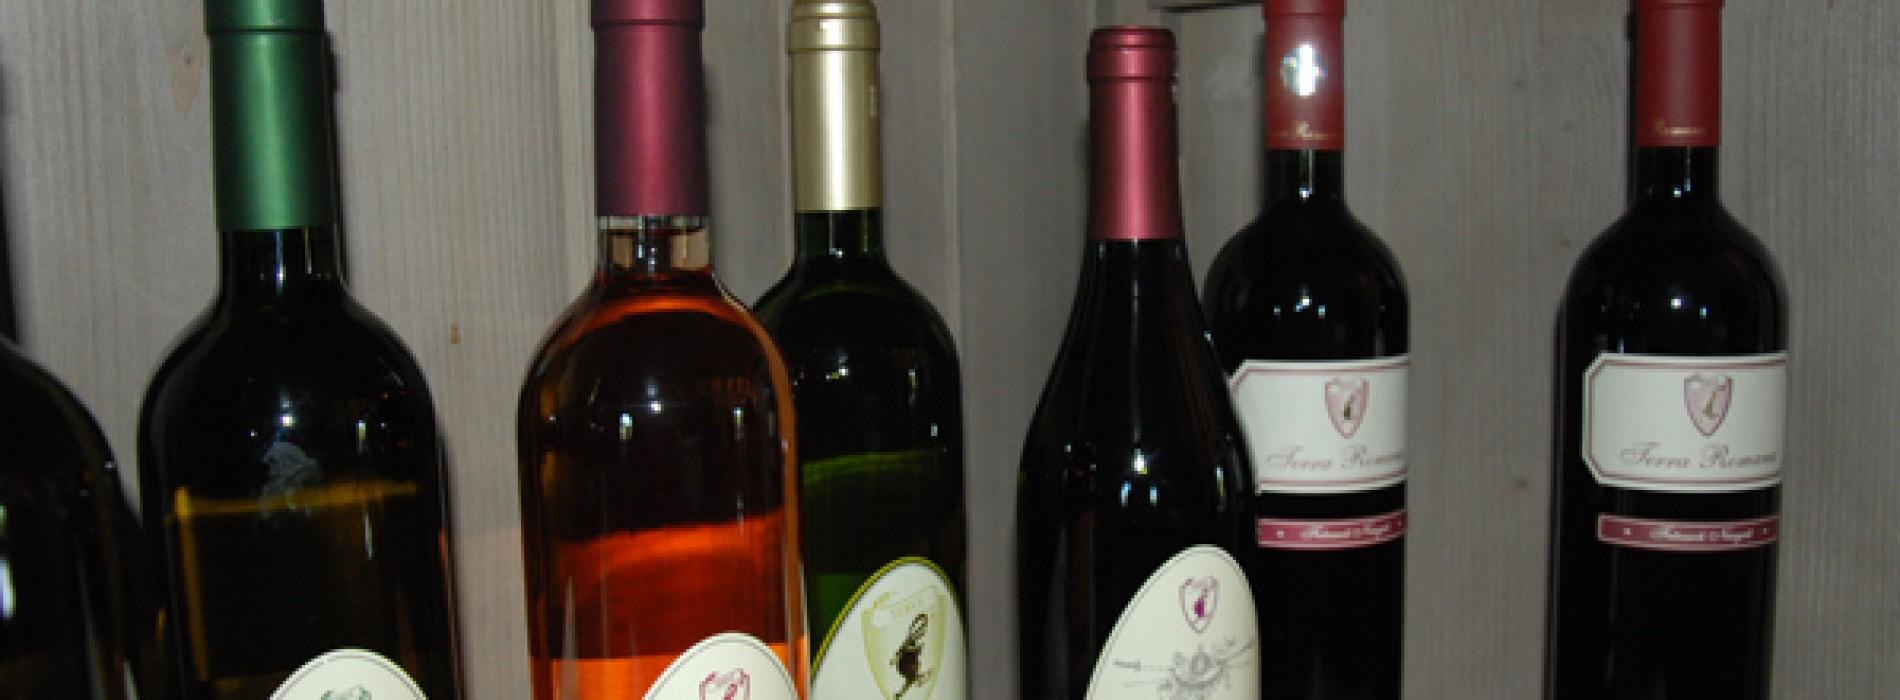 SERVE Ceptura, acolo unde vinul se face cu pasiune